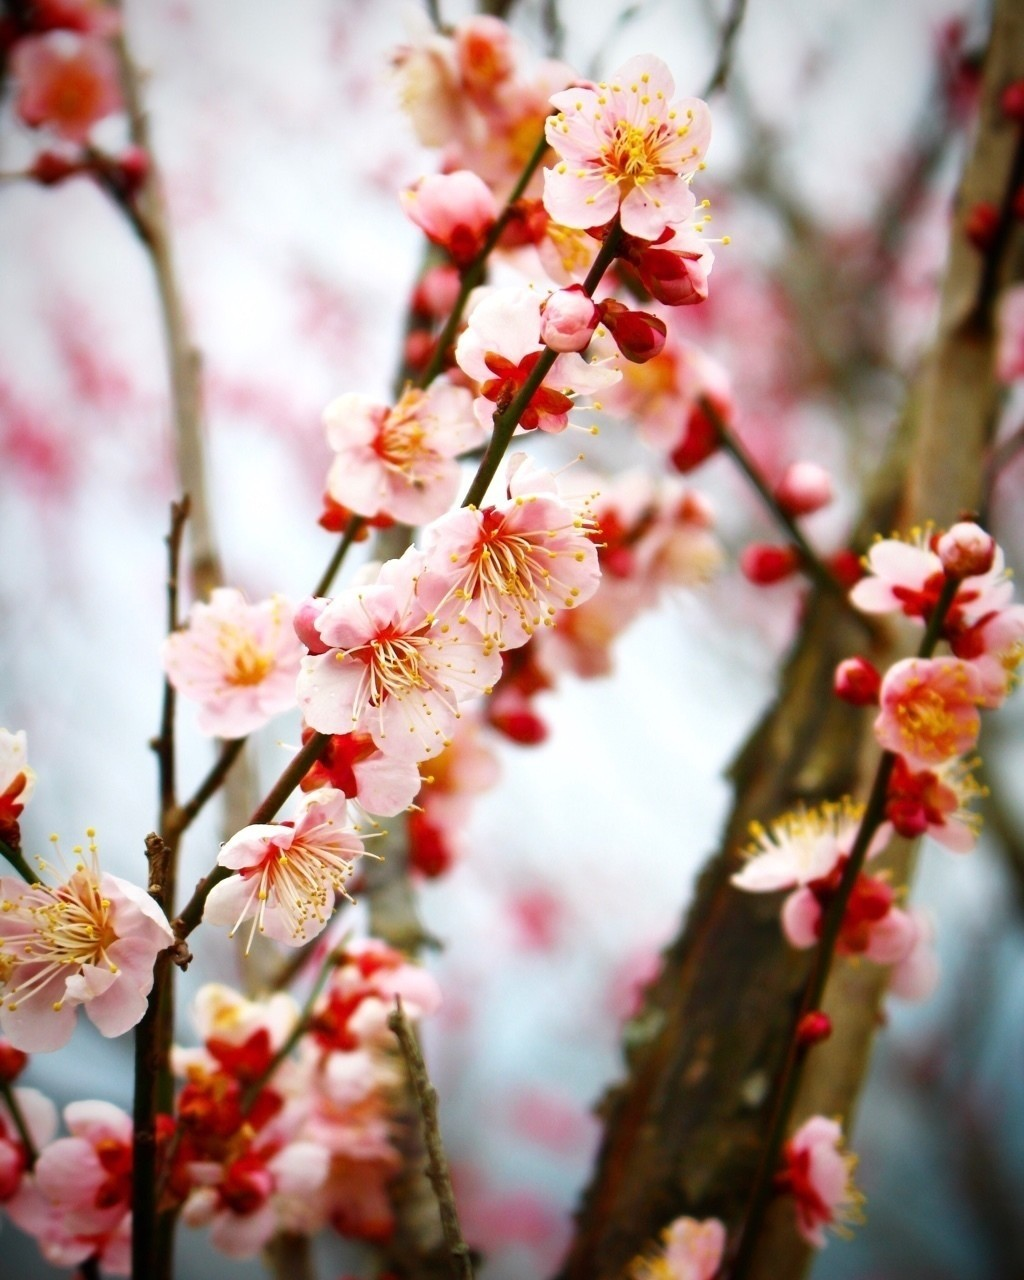 梅の季節がきました。 和歌山のみなべは咲いてましたが、石神はまだ3分咲きほどでした。